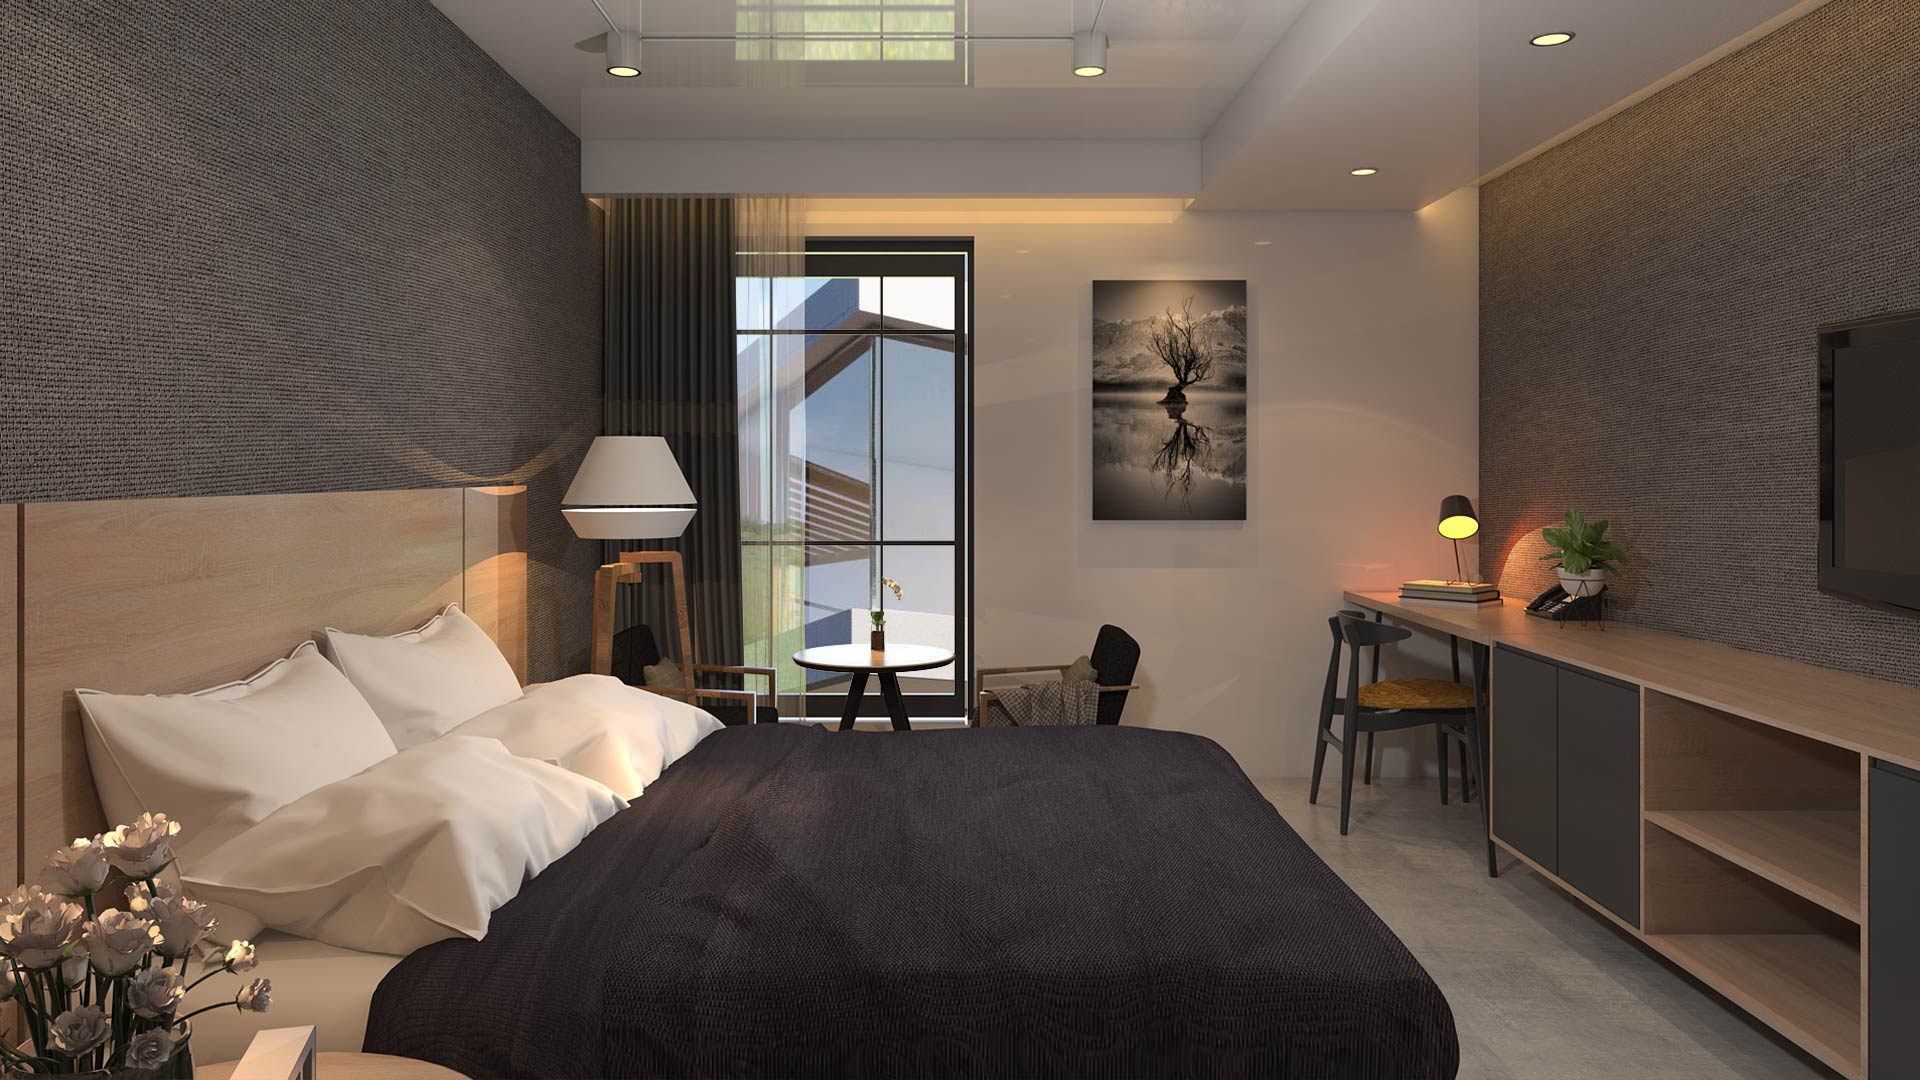 Ý tưởng thiết kế phòng khách sạn đẹp